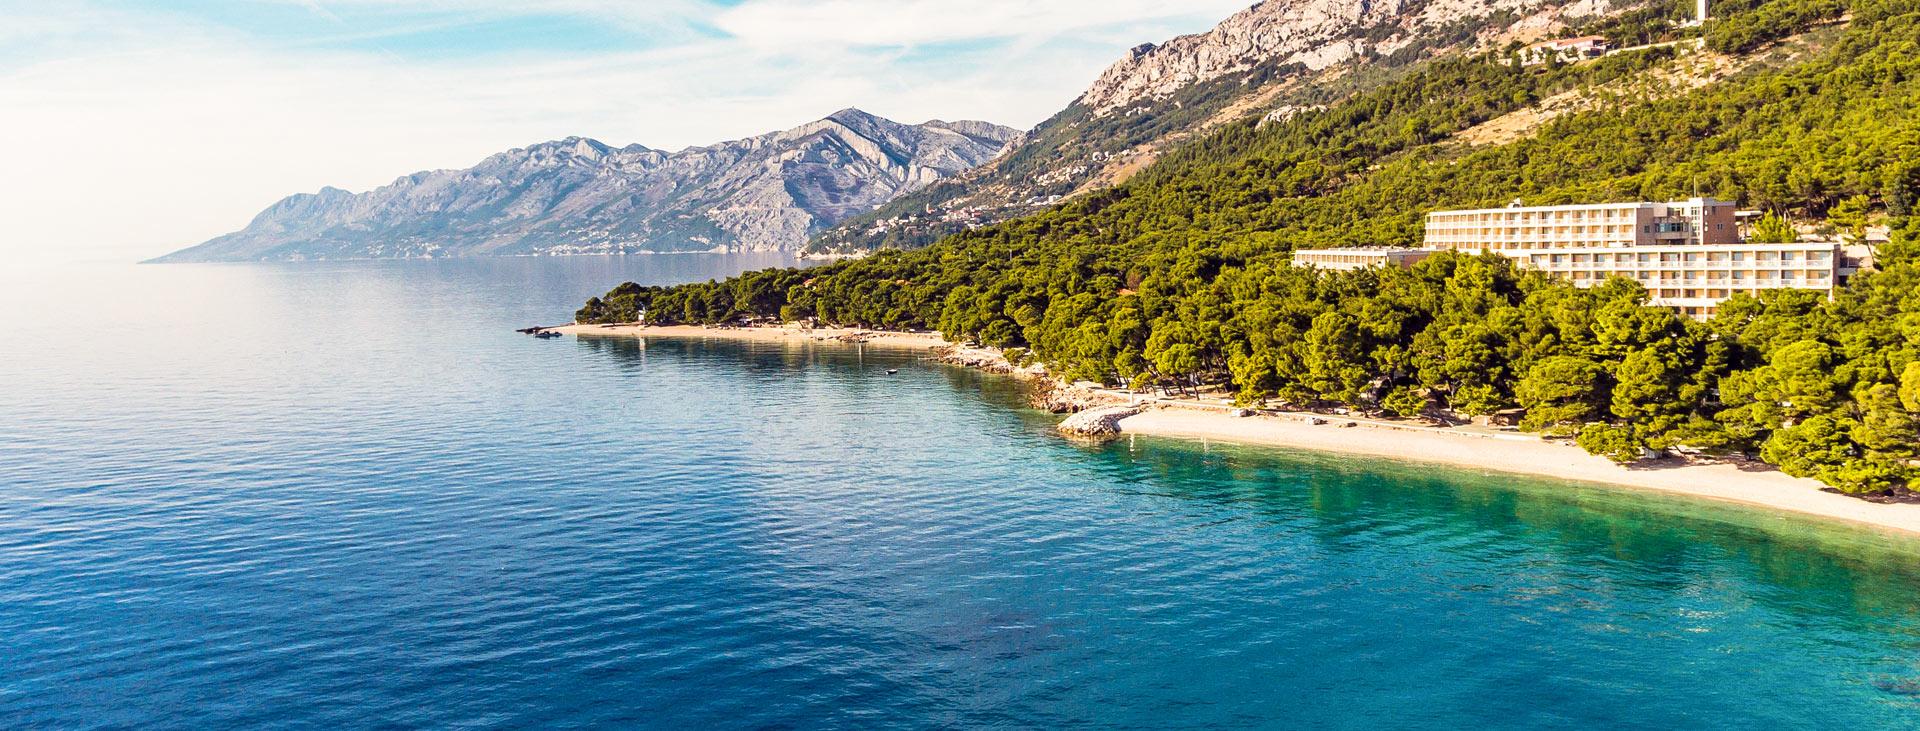 Bluesun Marina, Brela, Makarska Riviera, Kroatia